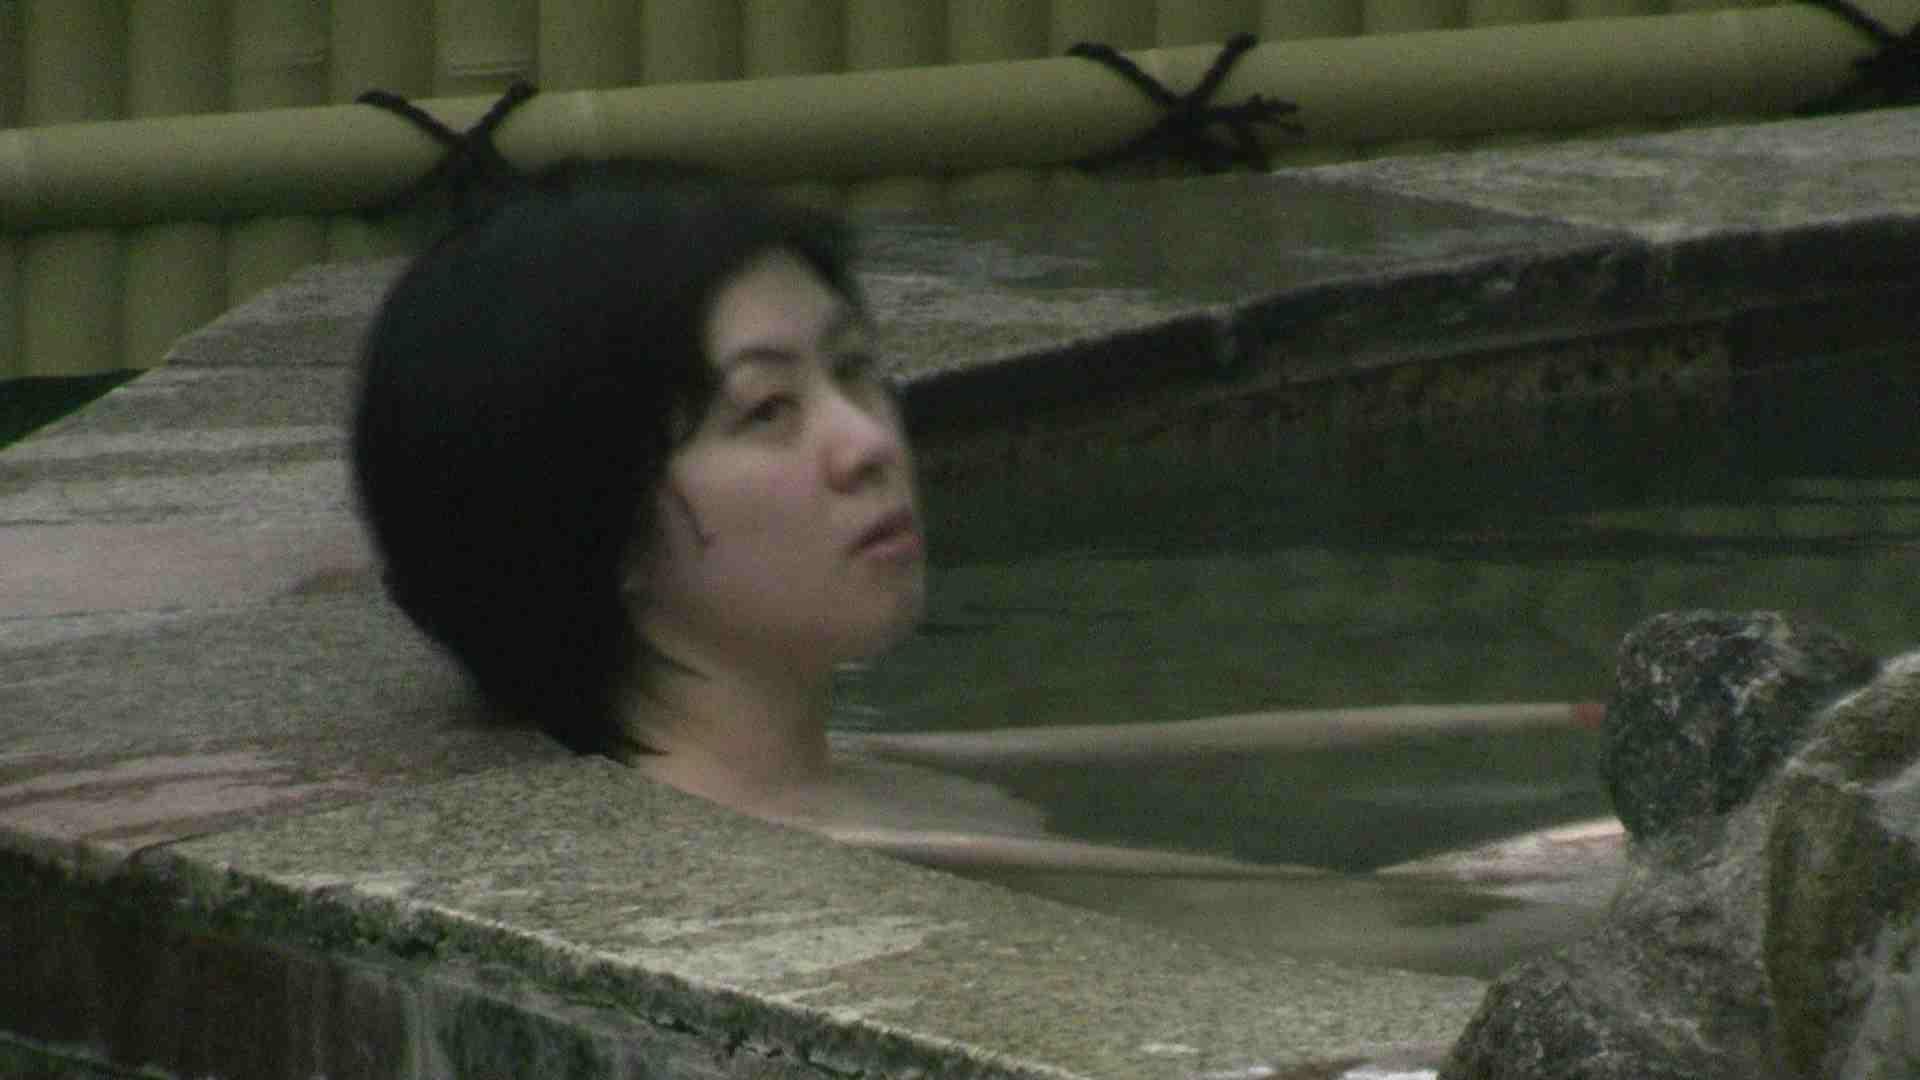 Aquaな露天風呂Vol.685 OLハメ撮り  42Pix 38